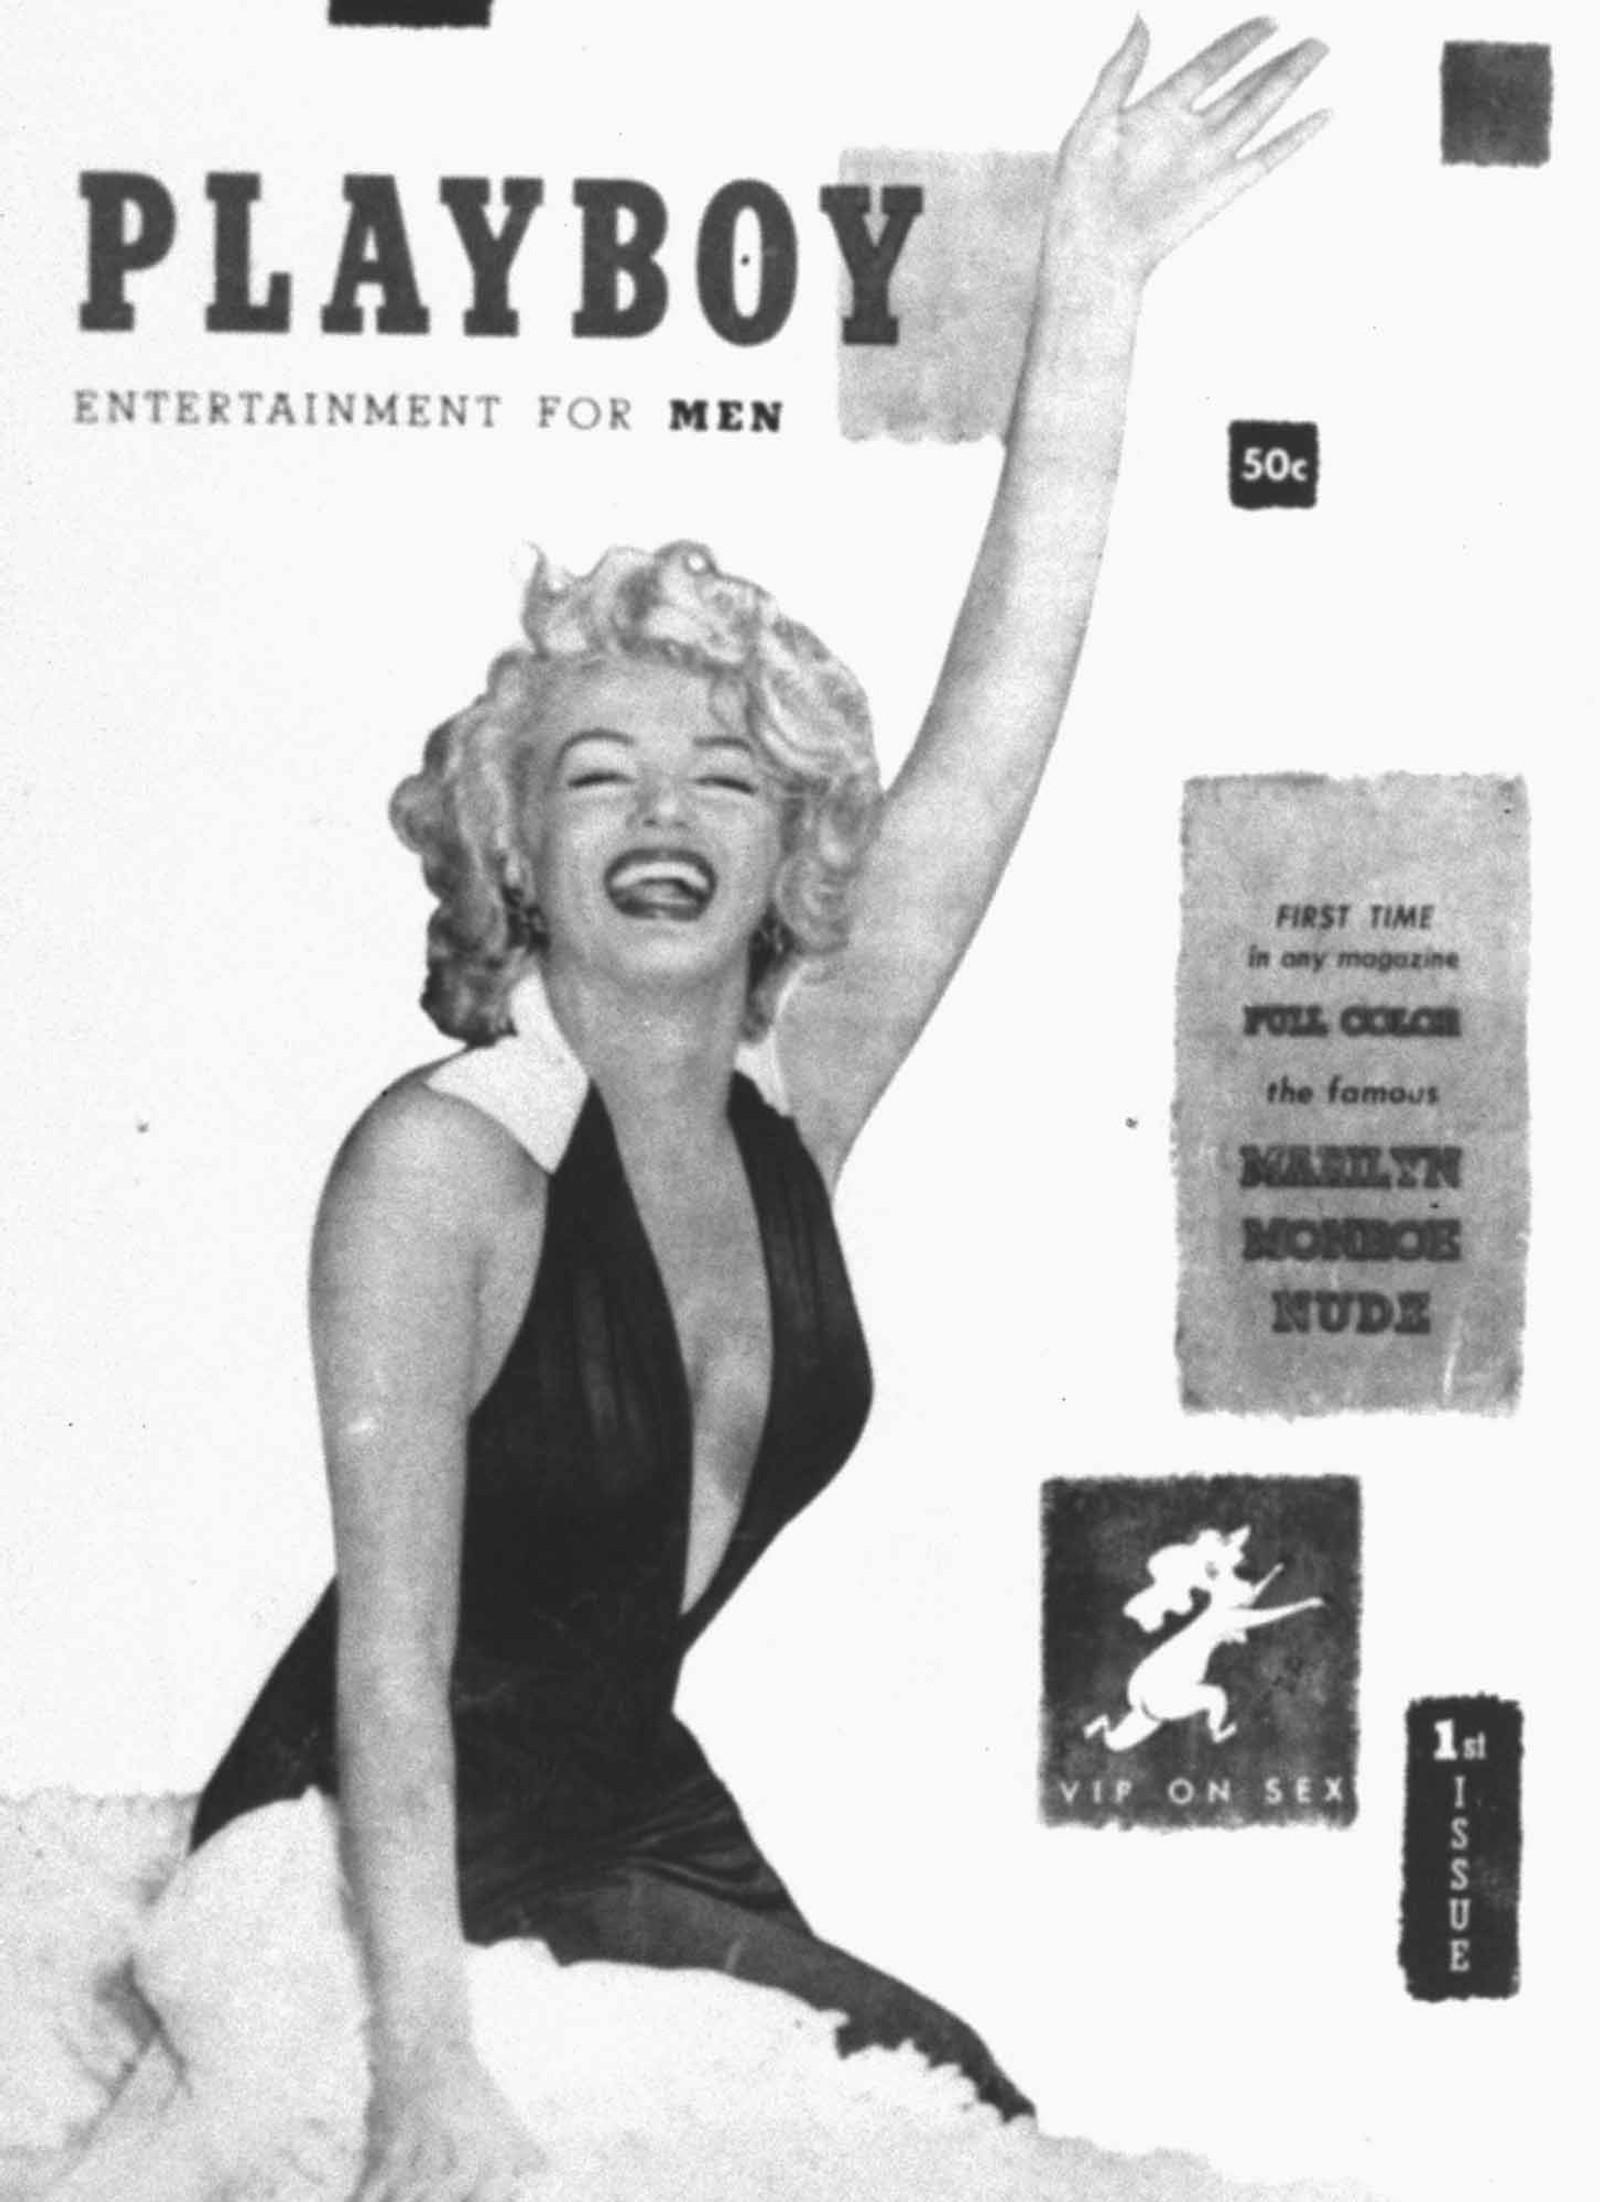 Marilyn Monroe var første kvinne avbildet på forsiden til det ikoniske magasinet Playboy.